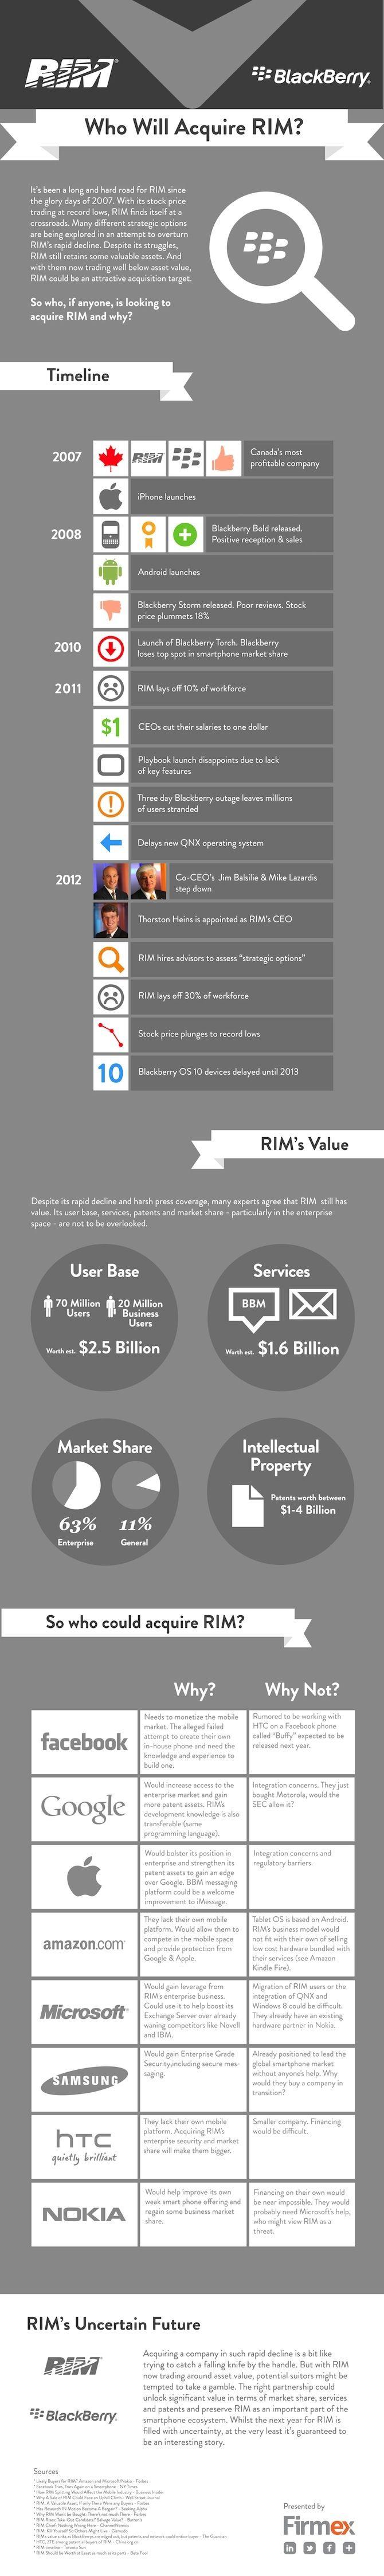 INFOGRAPHIC: Who Will Acquire RIM?